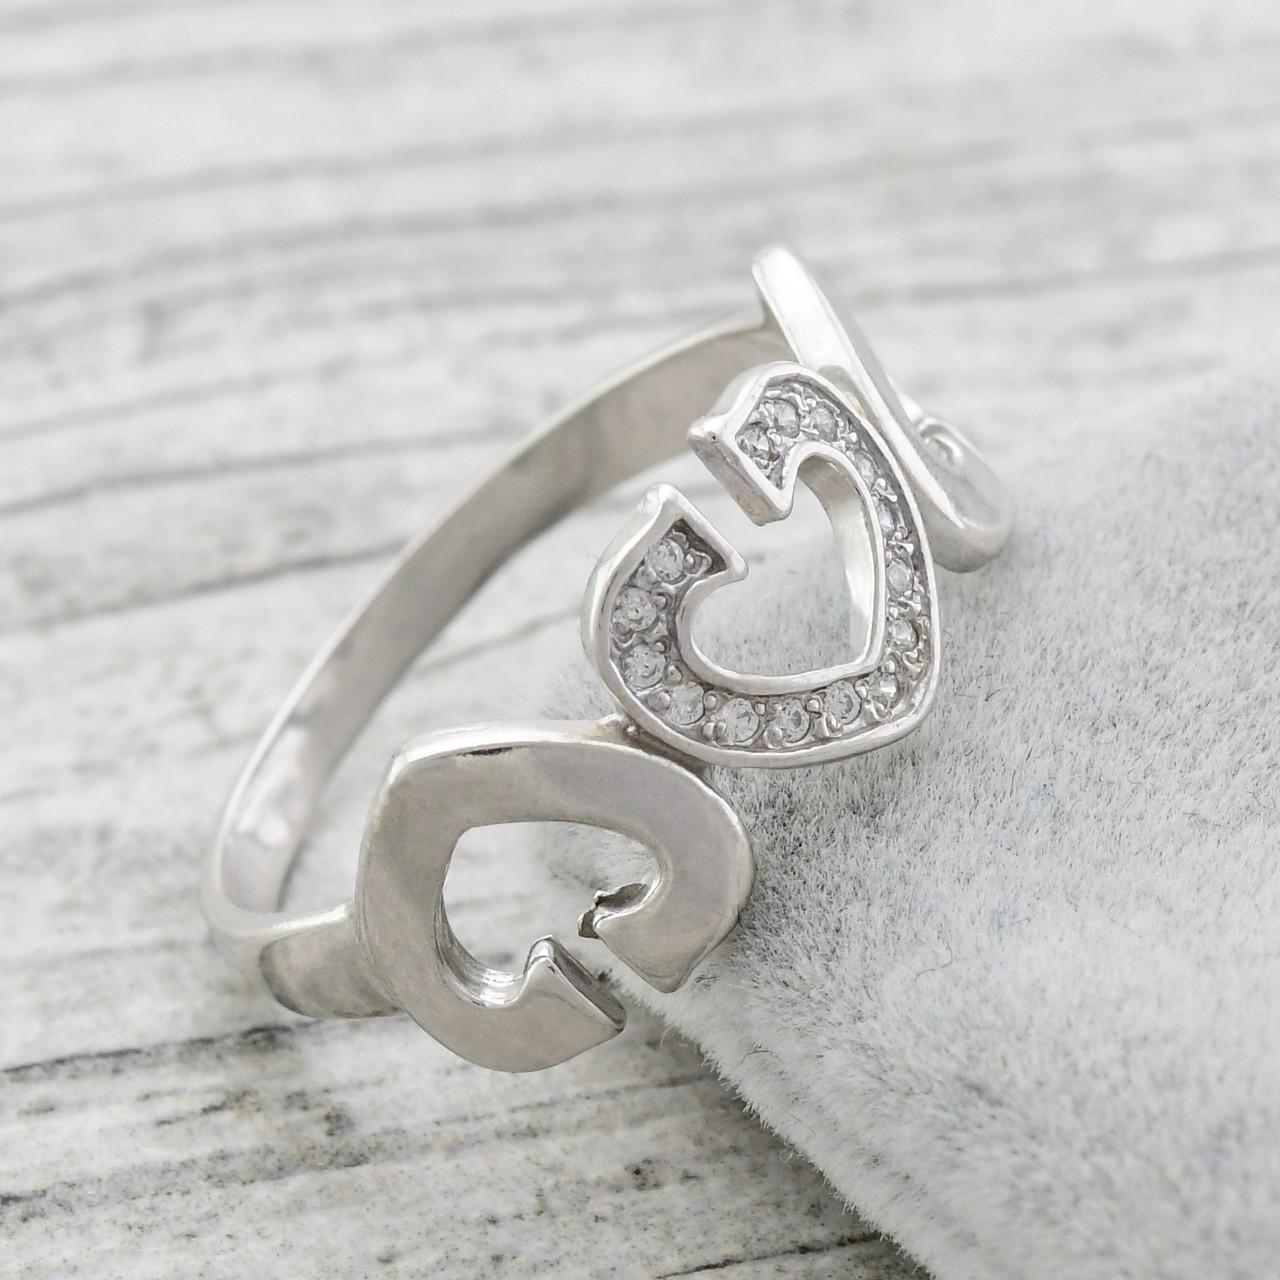 Серебряное кольцо Симфония любви вставка белые фианиты вес 2.58 г размер 17.5